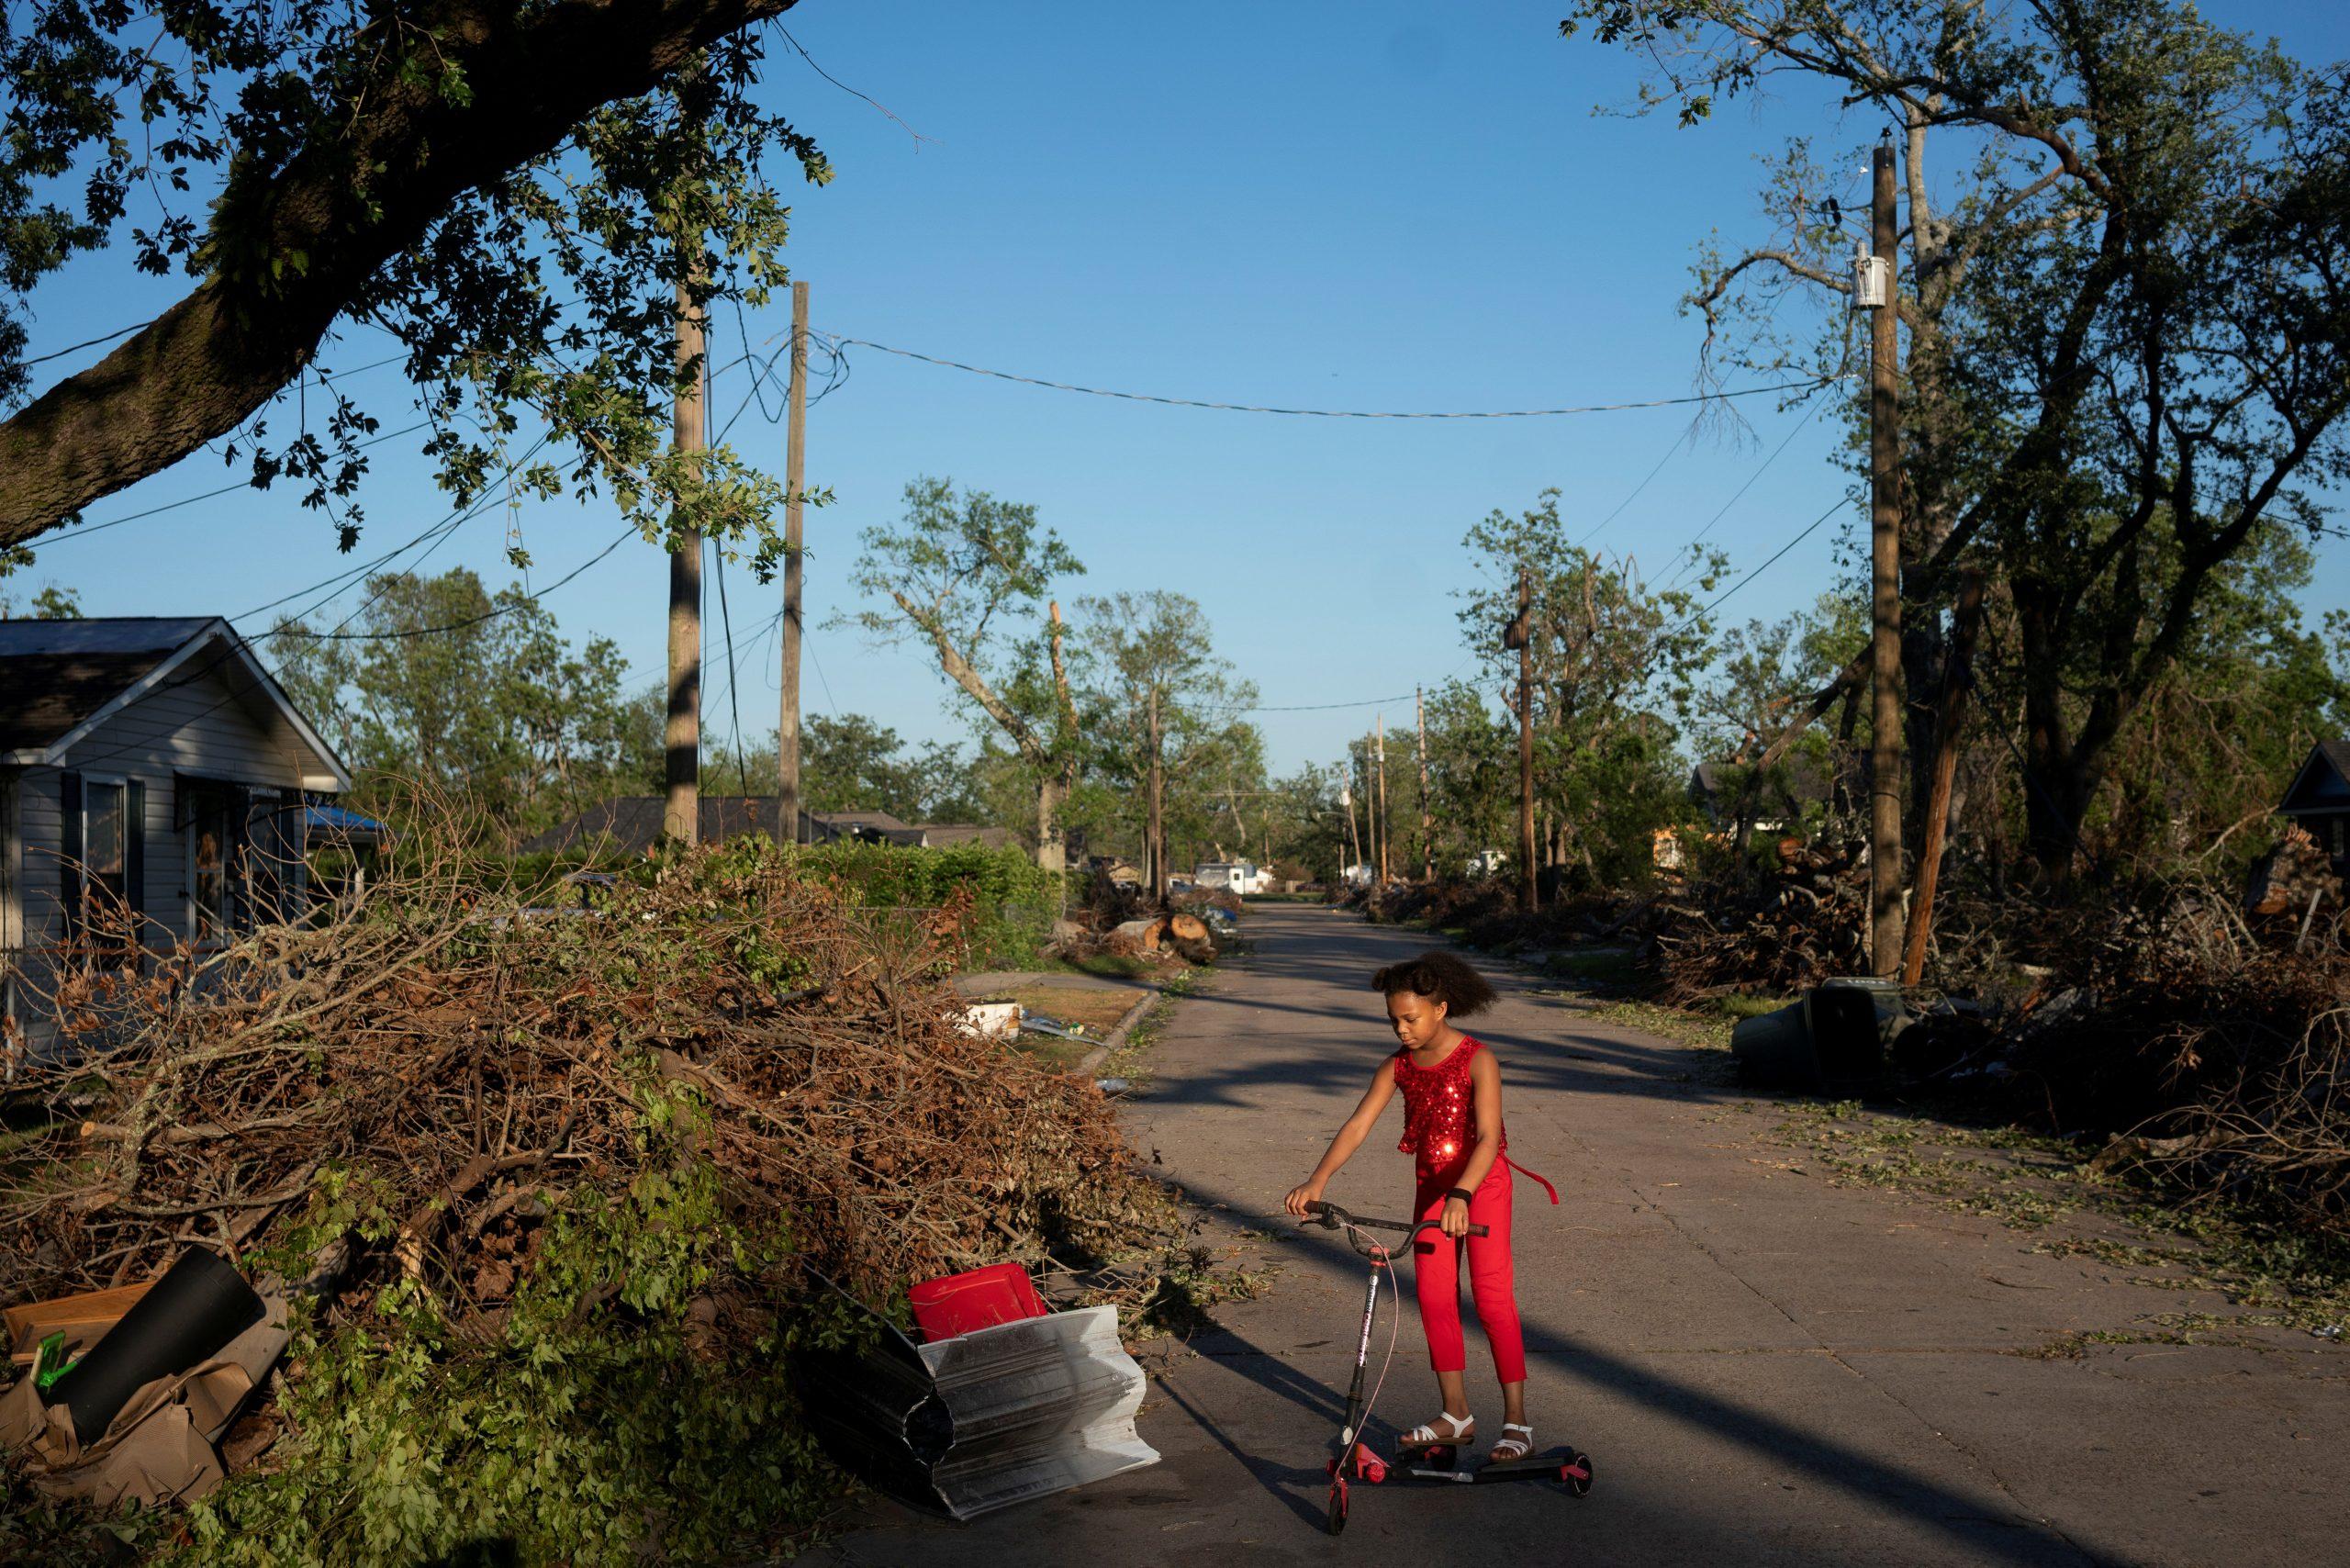 Hurricane Delta deals fresh blow to hard-hit Louisiana ...